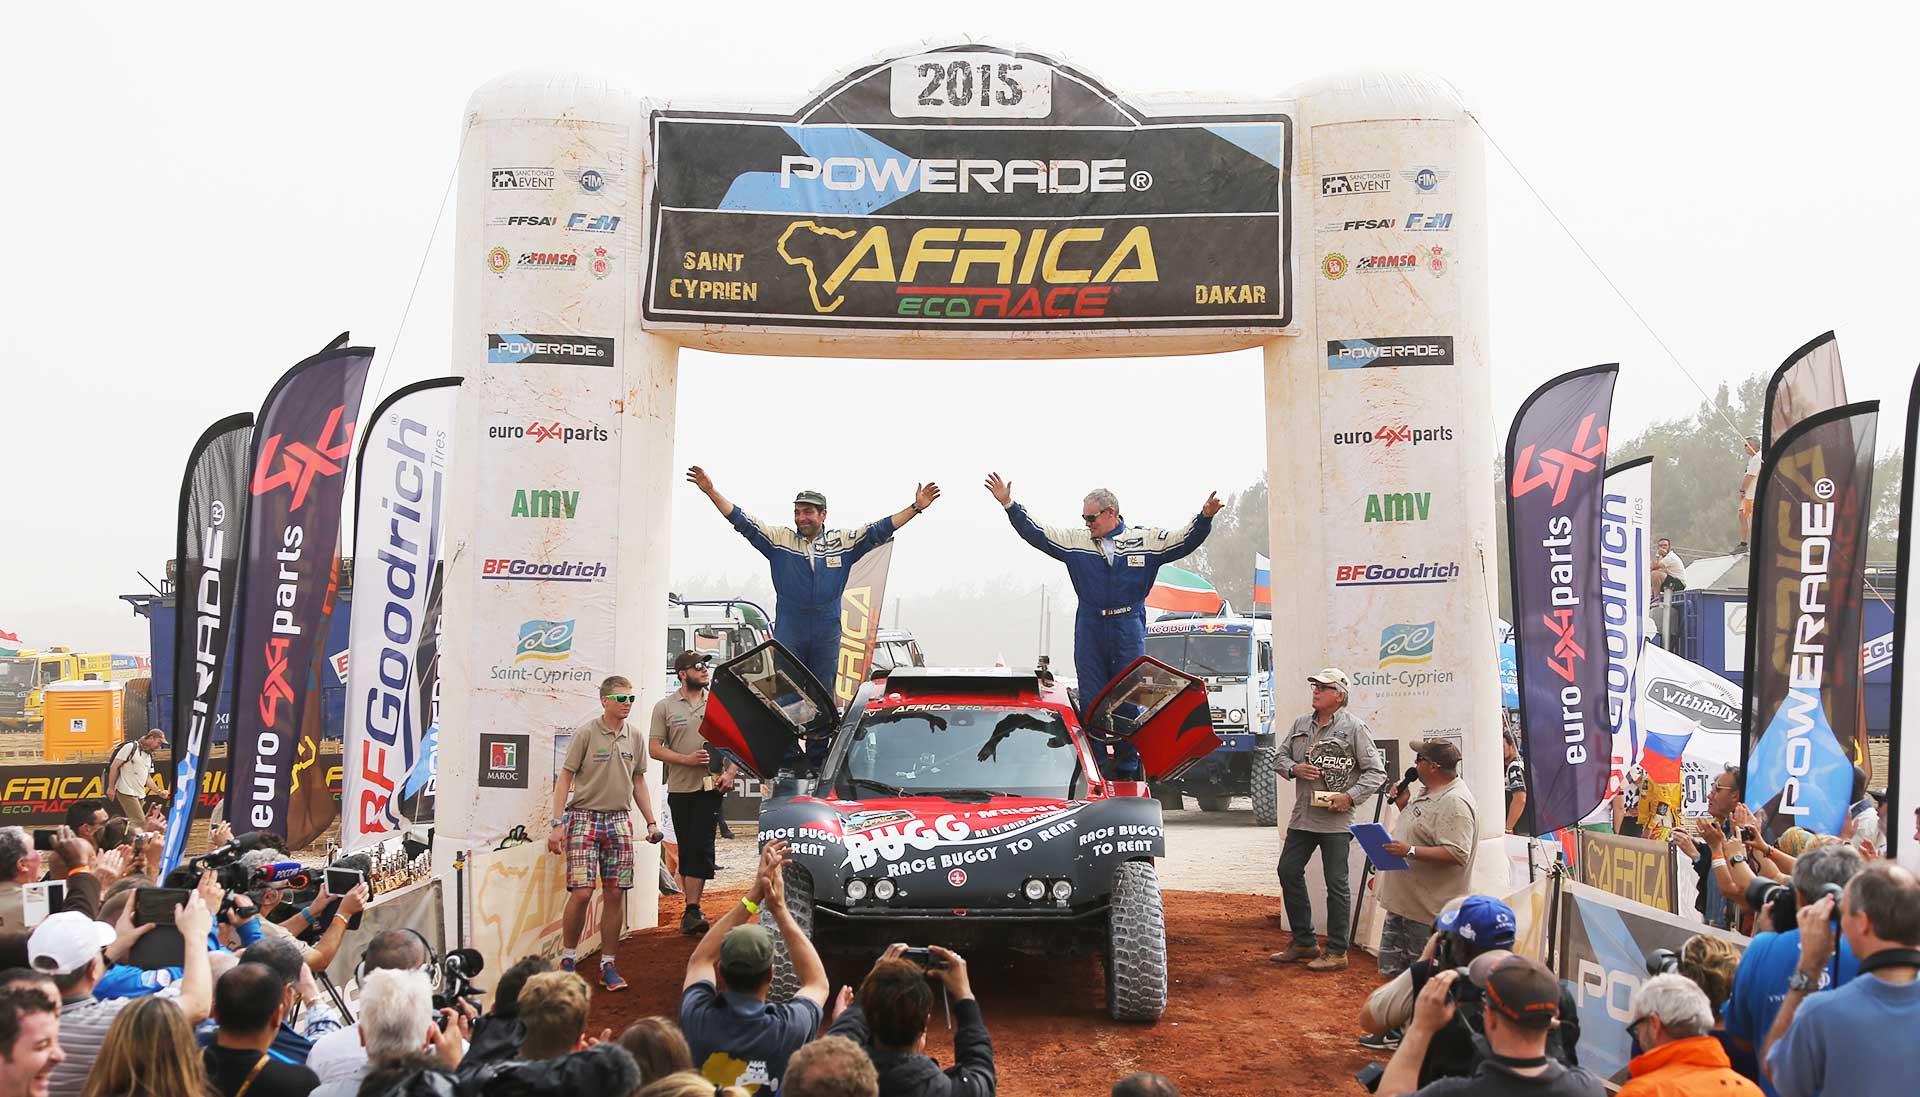 BUGG'AFRIQUE est sur la première marche du podium de l'Africa Eco Race 2015 !